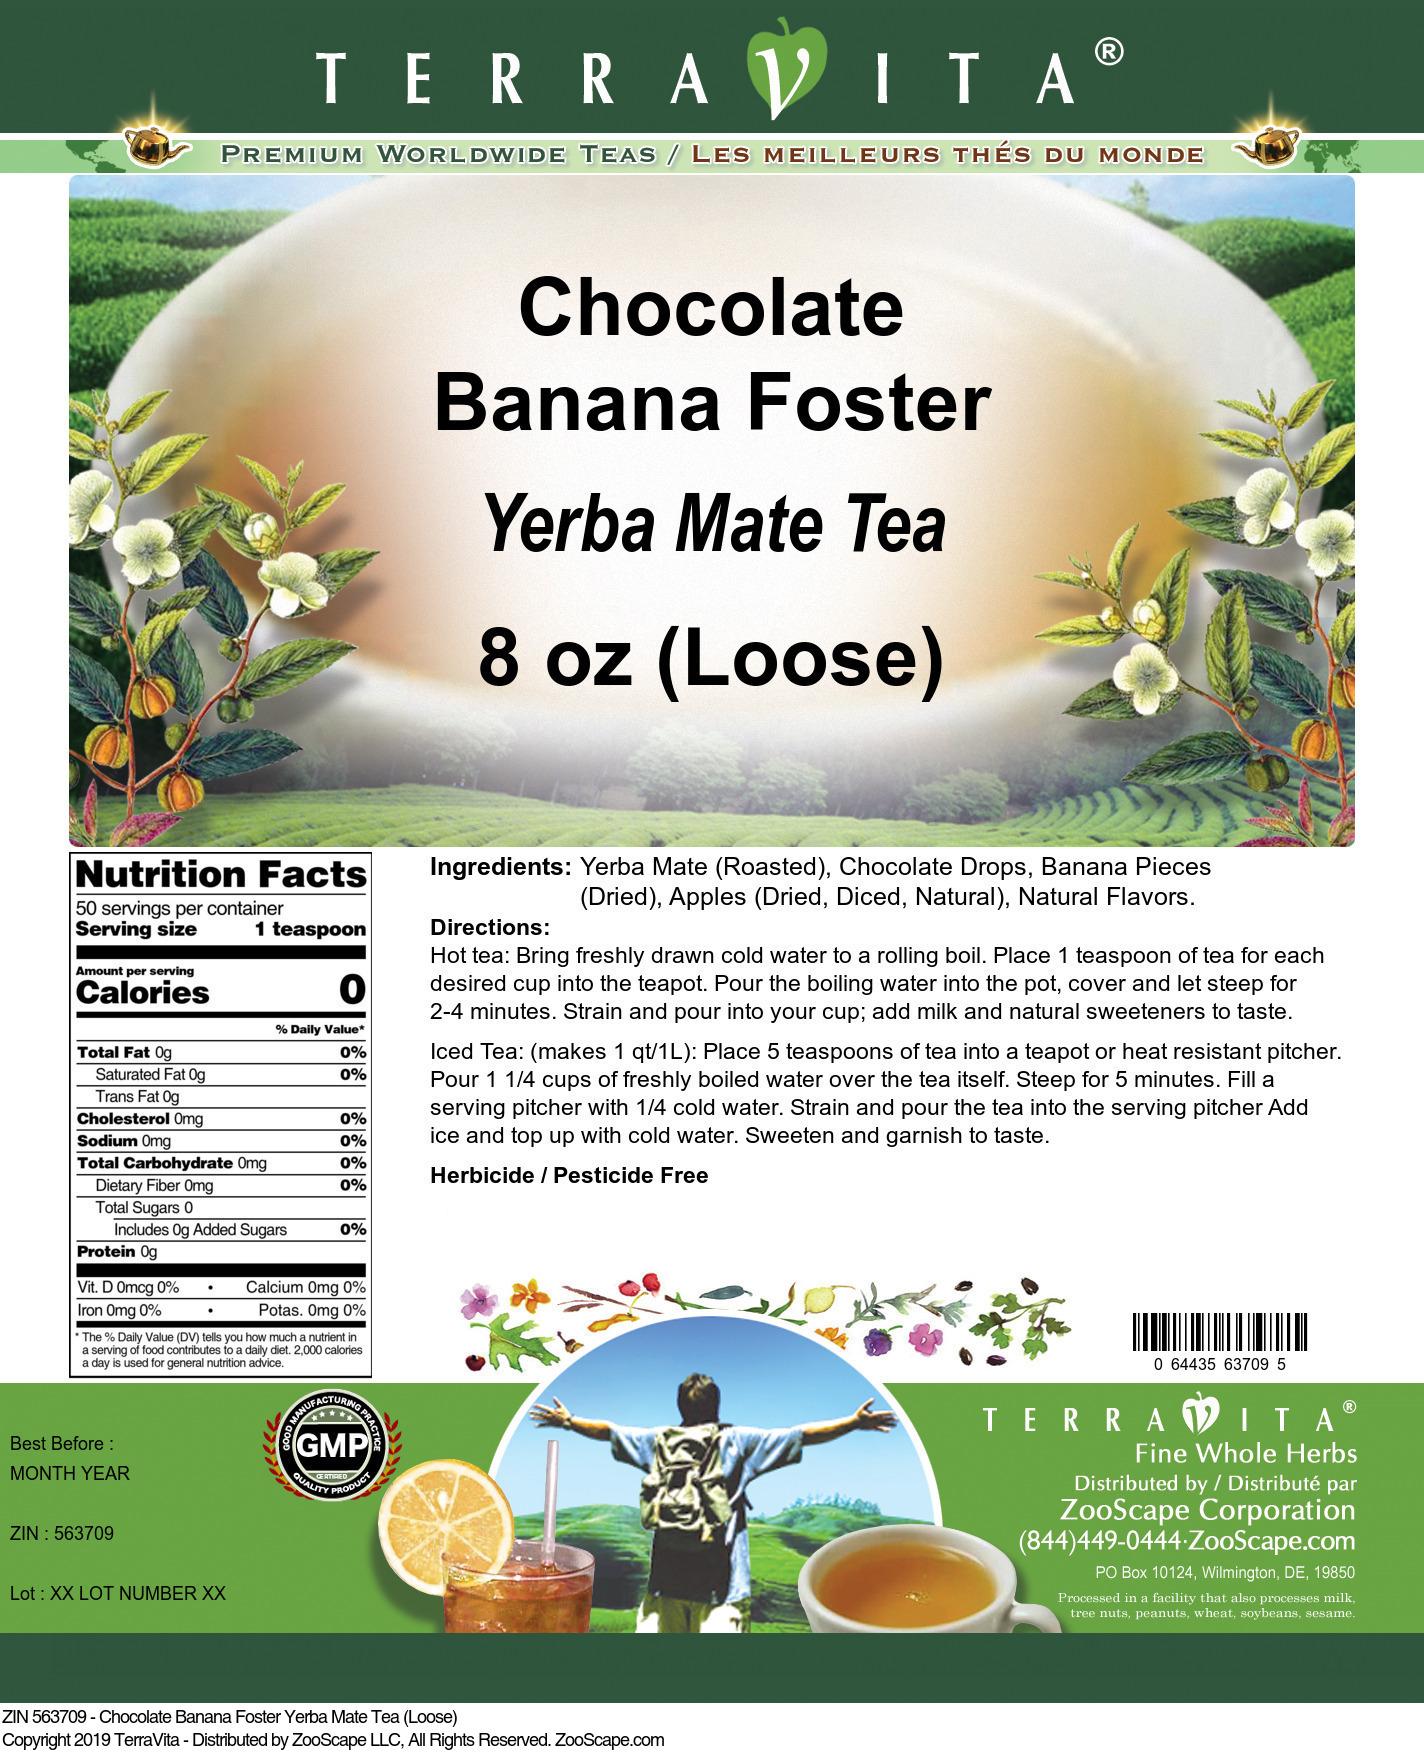 Chocolate Banana Foster Yerba Mate